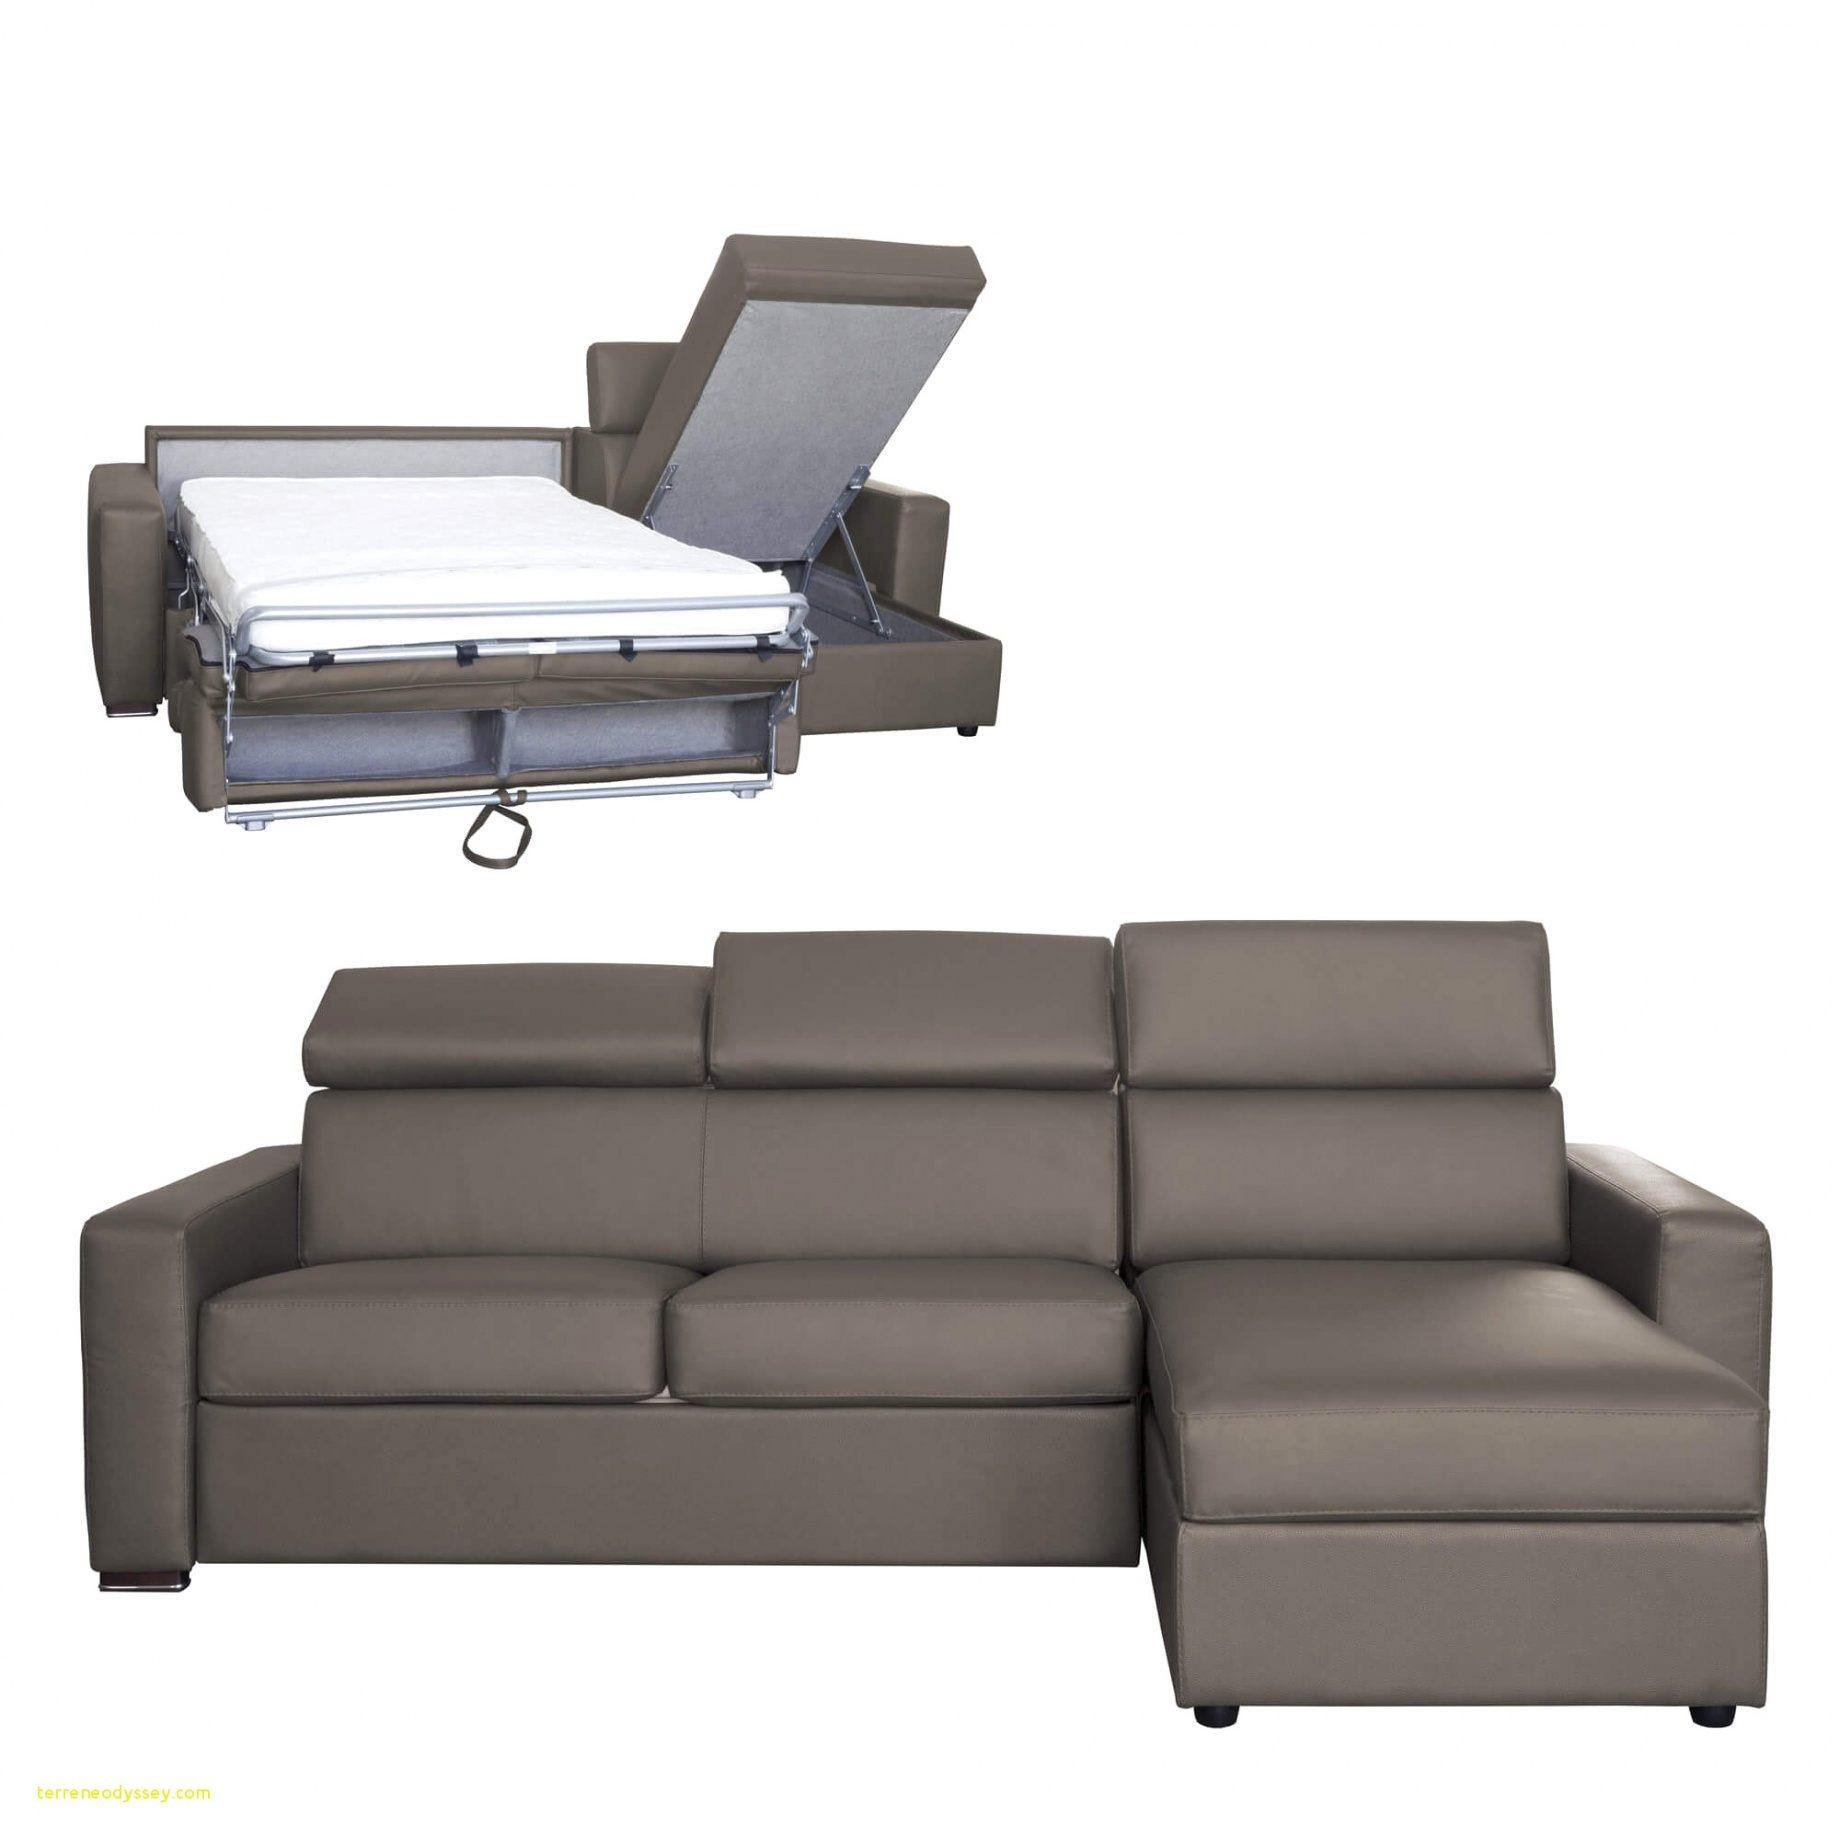 Canapé Lit Vrai Matelas Impressionnant Rusé Canapé Lit Angle Avec 19 Utile Canapé Convertible Avec Vrai